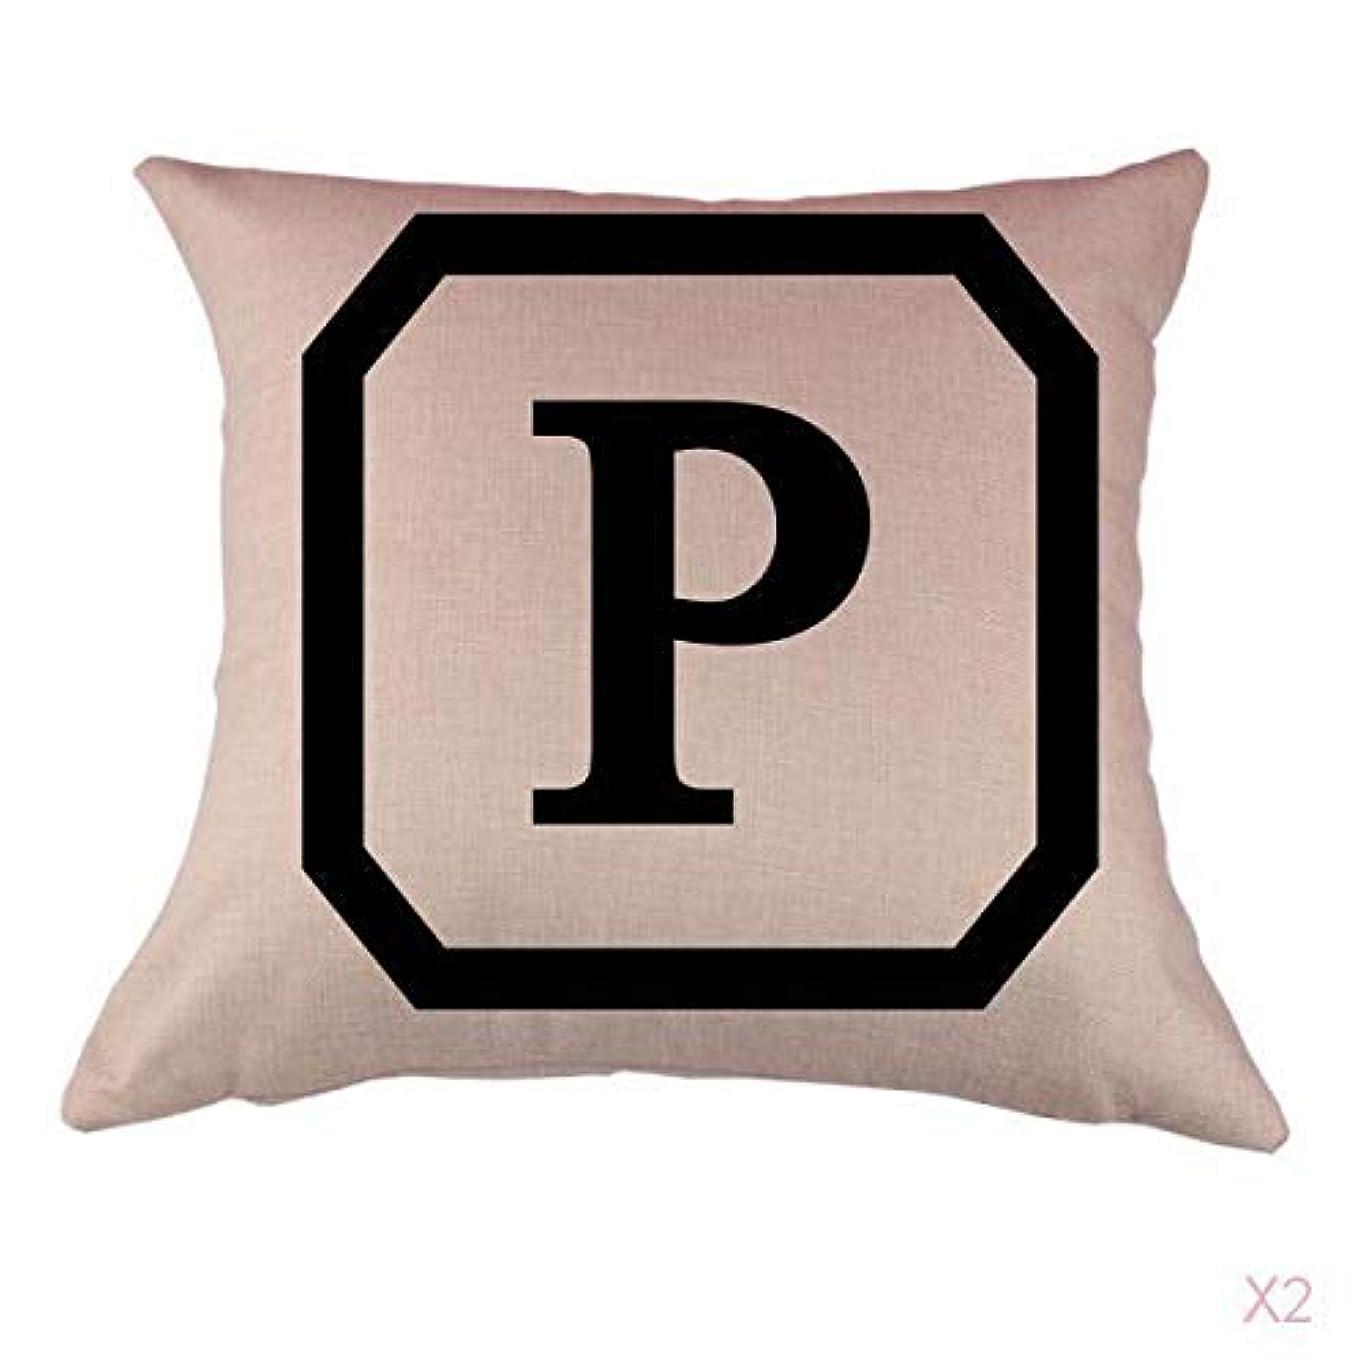 キラウエア山分配します鳩コットンリネンスロー枕カバークッションカバー家の装飾頭文字P